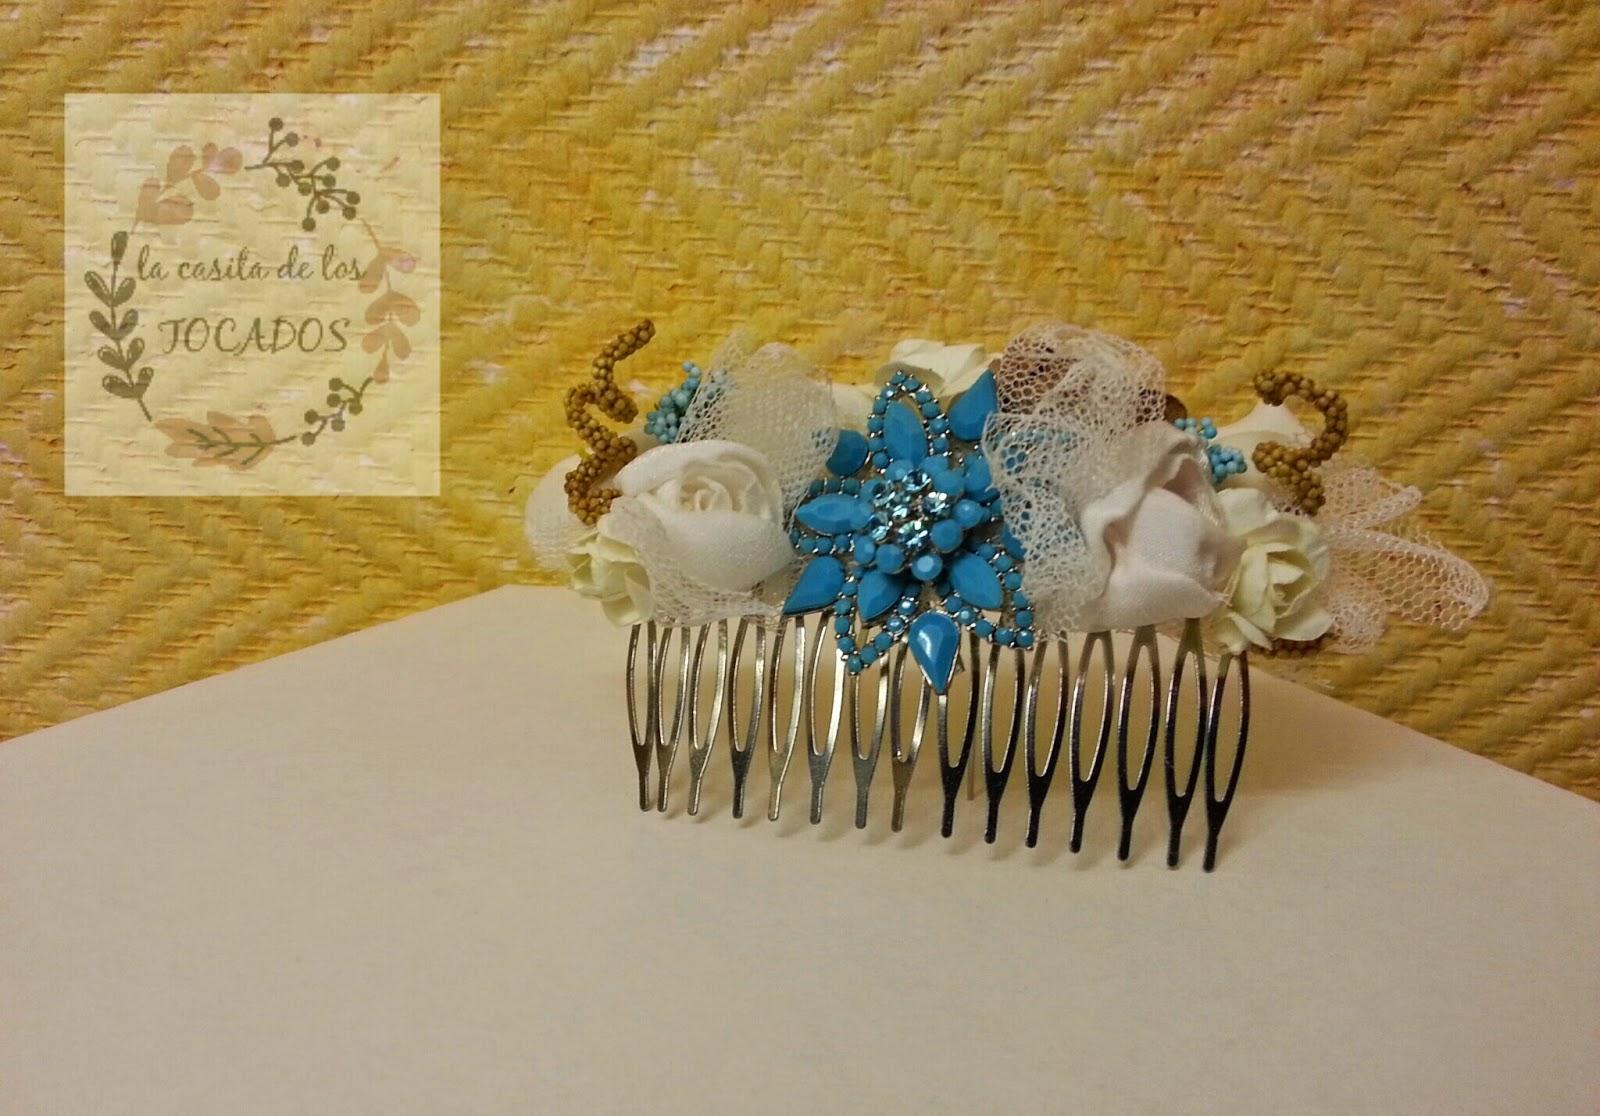 peineta de novia realizada al detalle a juego con bouquet vintage en tonos marfil, beige, dorado y azul turquesa